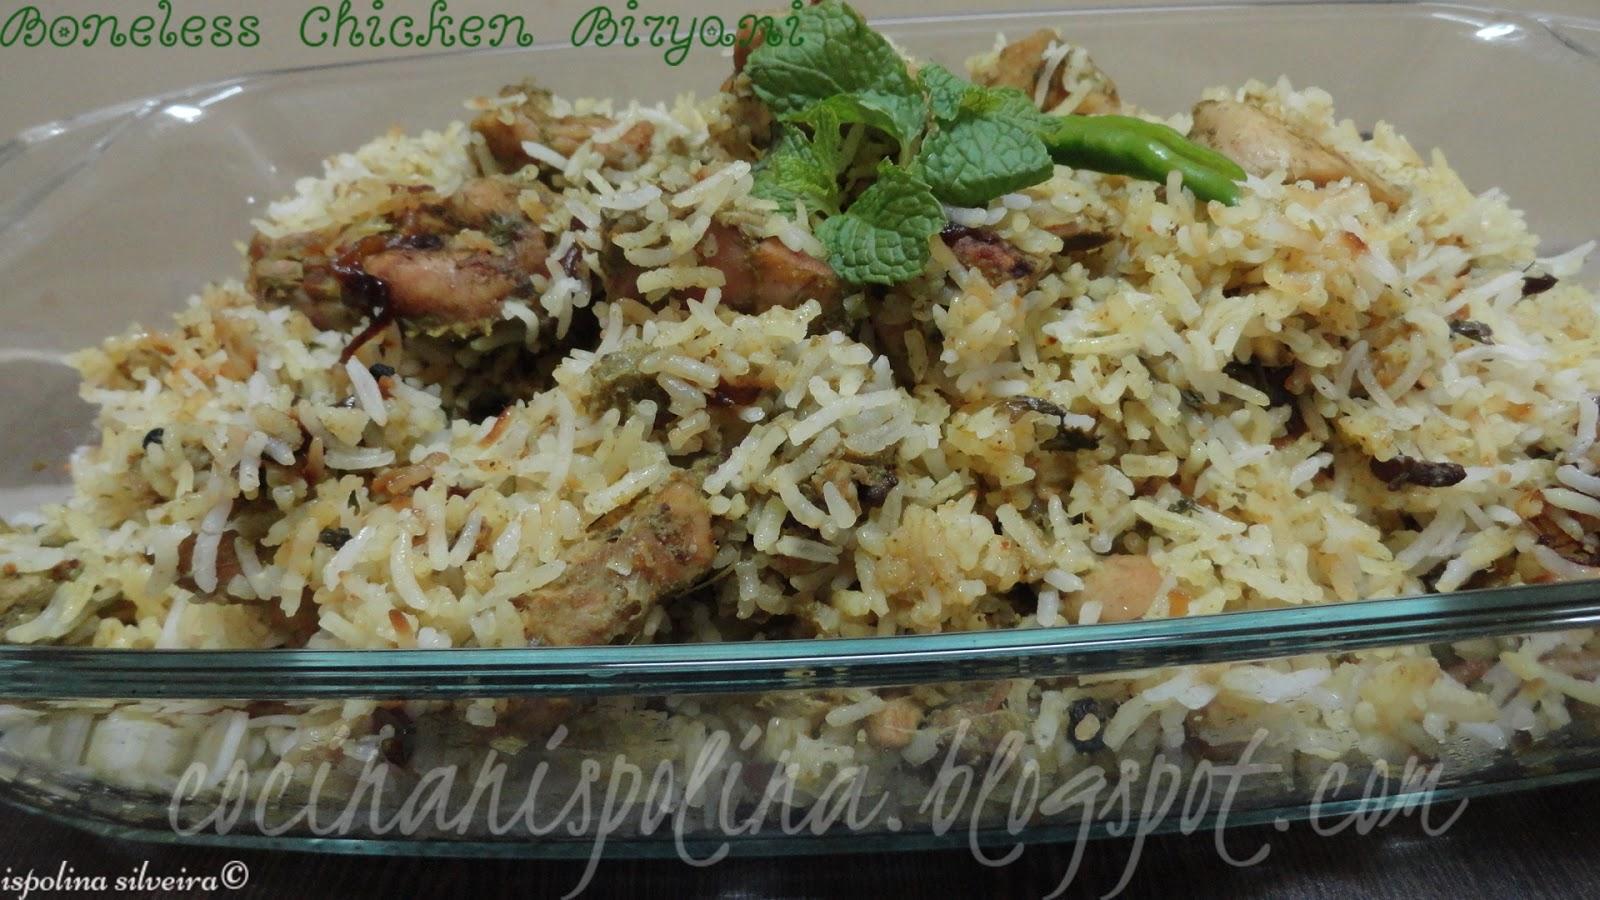 how to make boneless chicken biryani